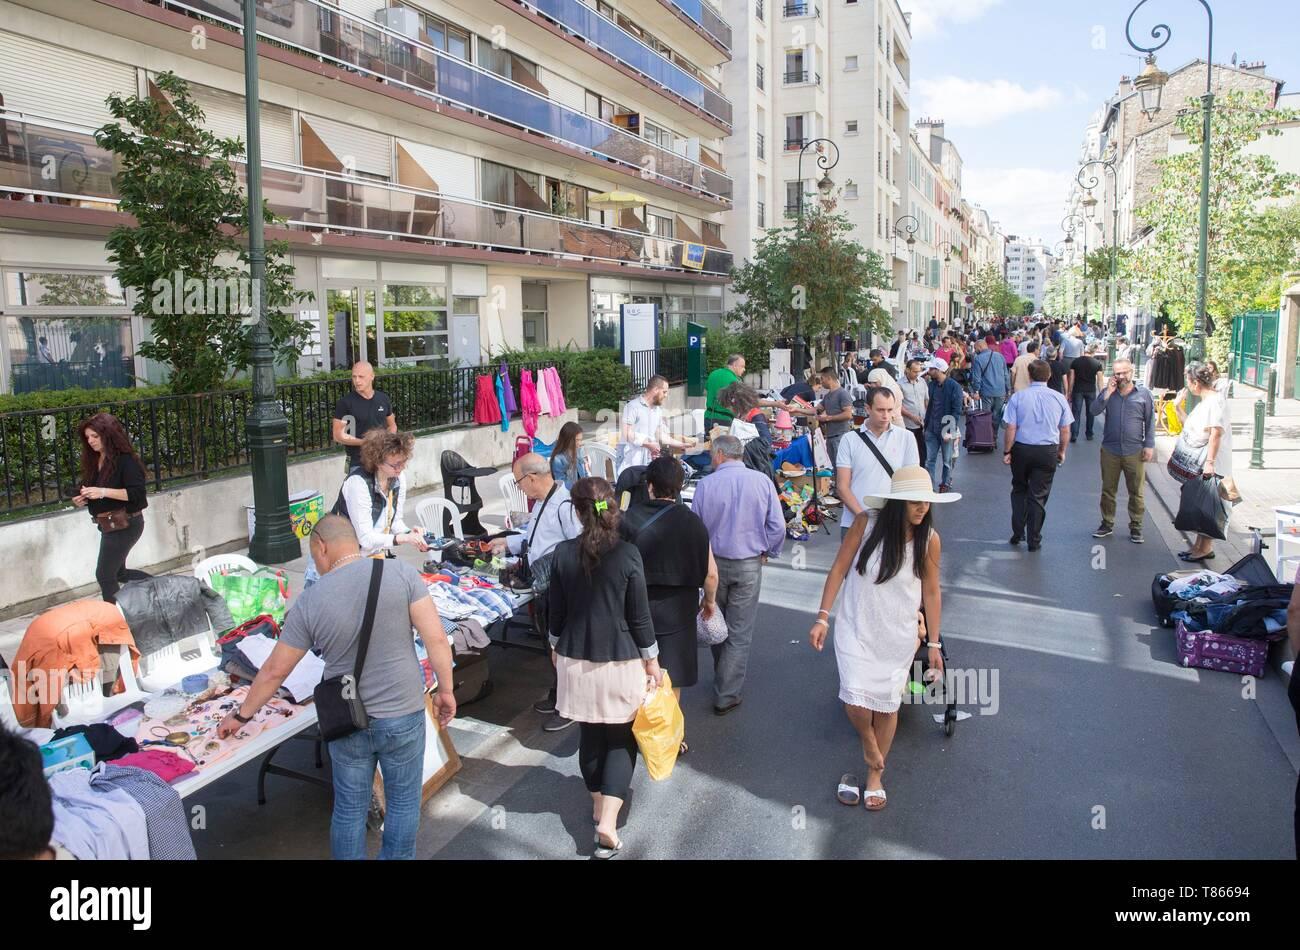 France, Hauts de Seine, Puteaux, flea market - Stock Image